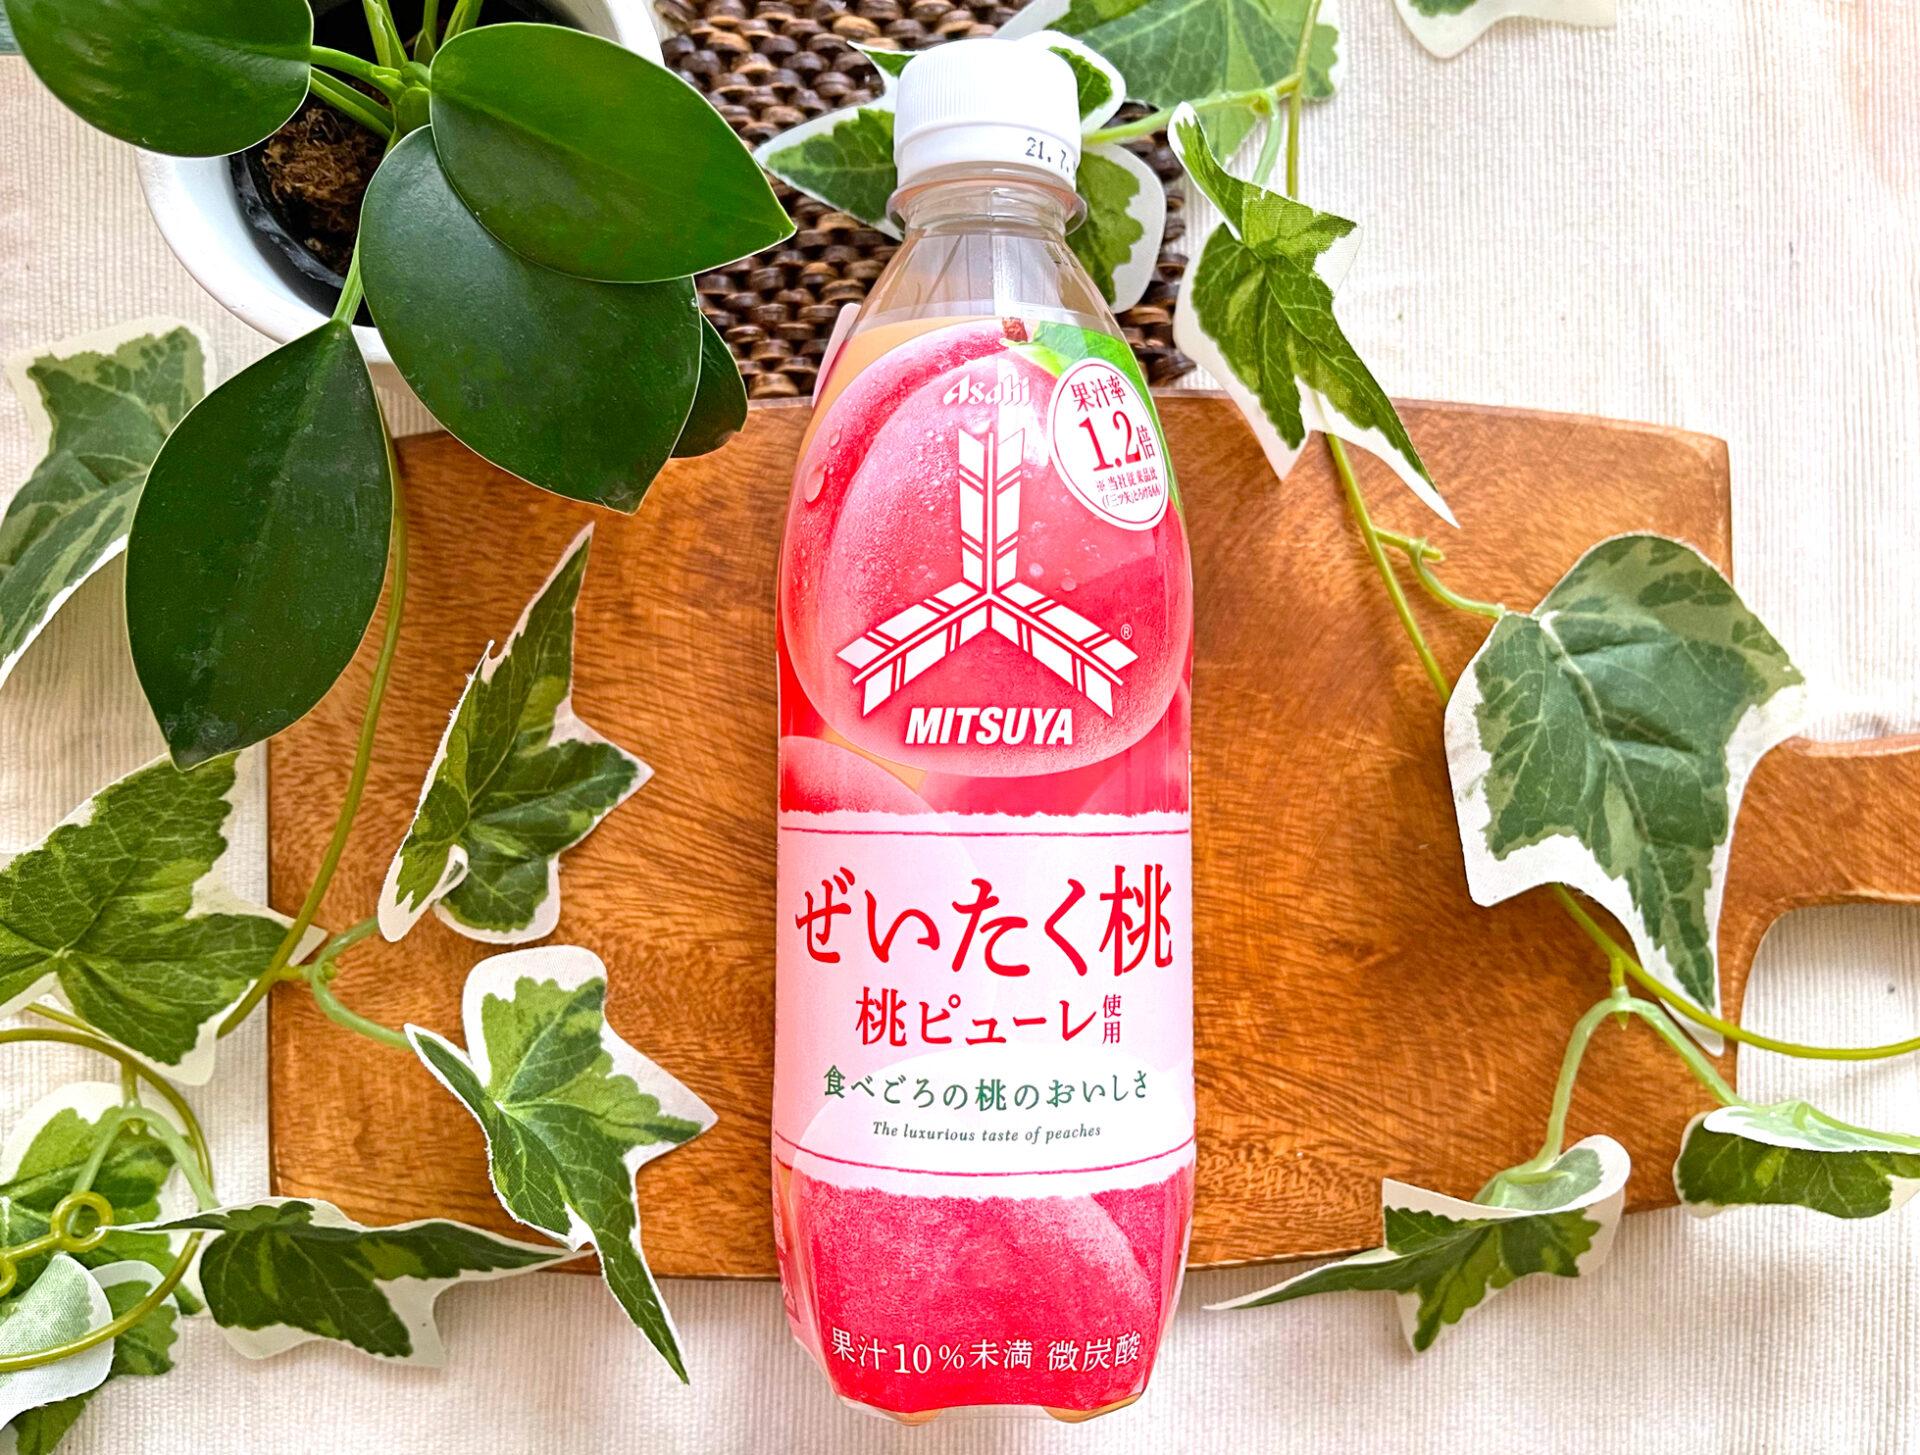 アサヒ飲料『「三ツ矢」ぜいたく桃』